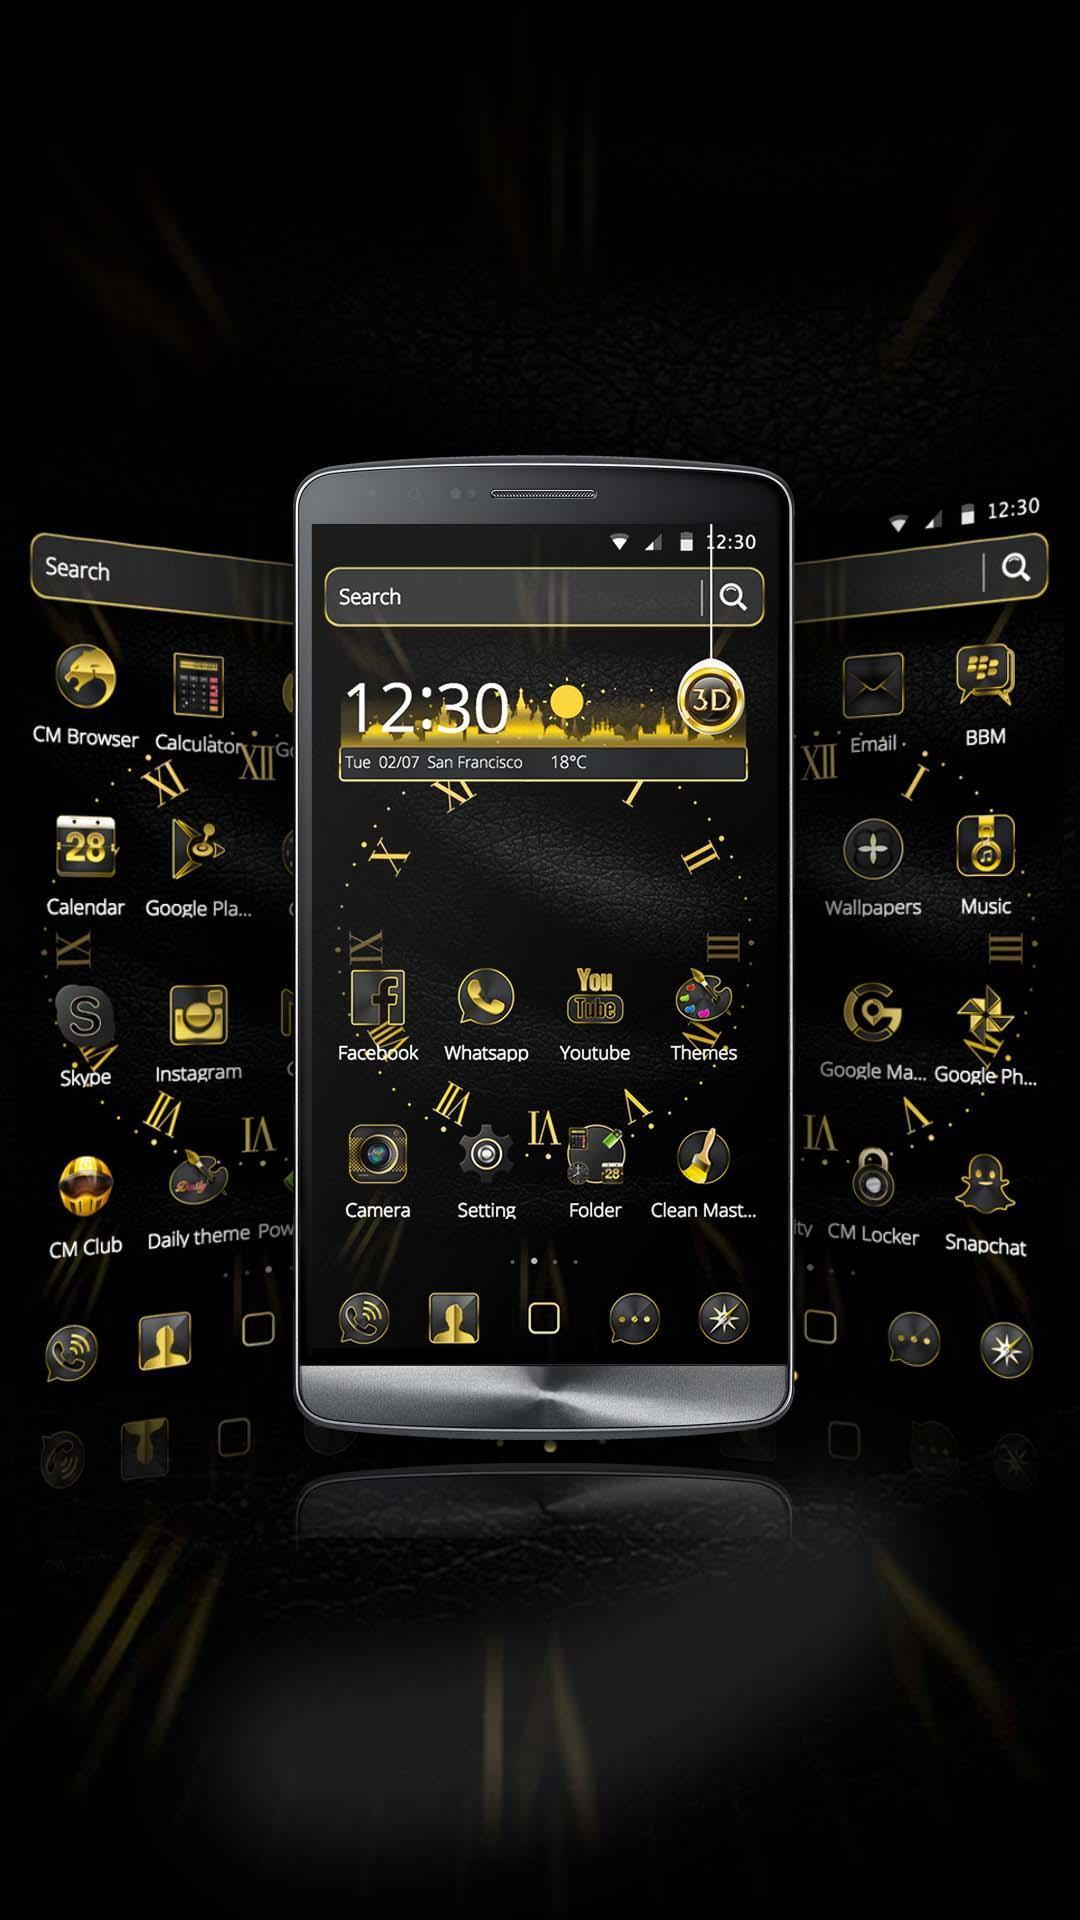 Android 用の ビジネステーマの壁紙黒い金の高級時計 Apk をダウンロード